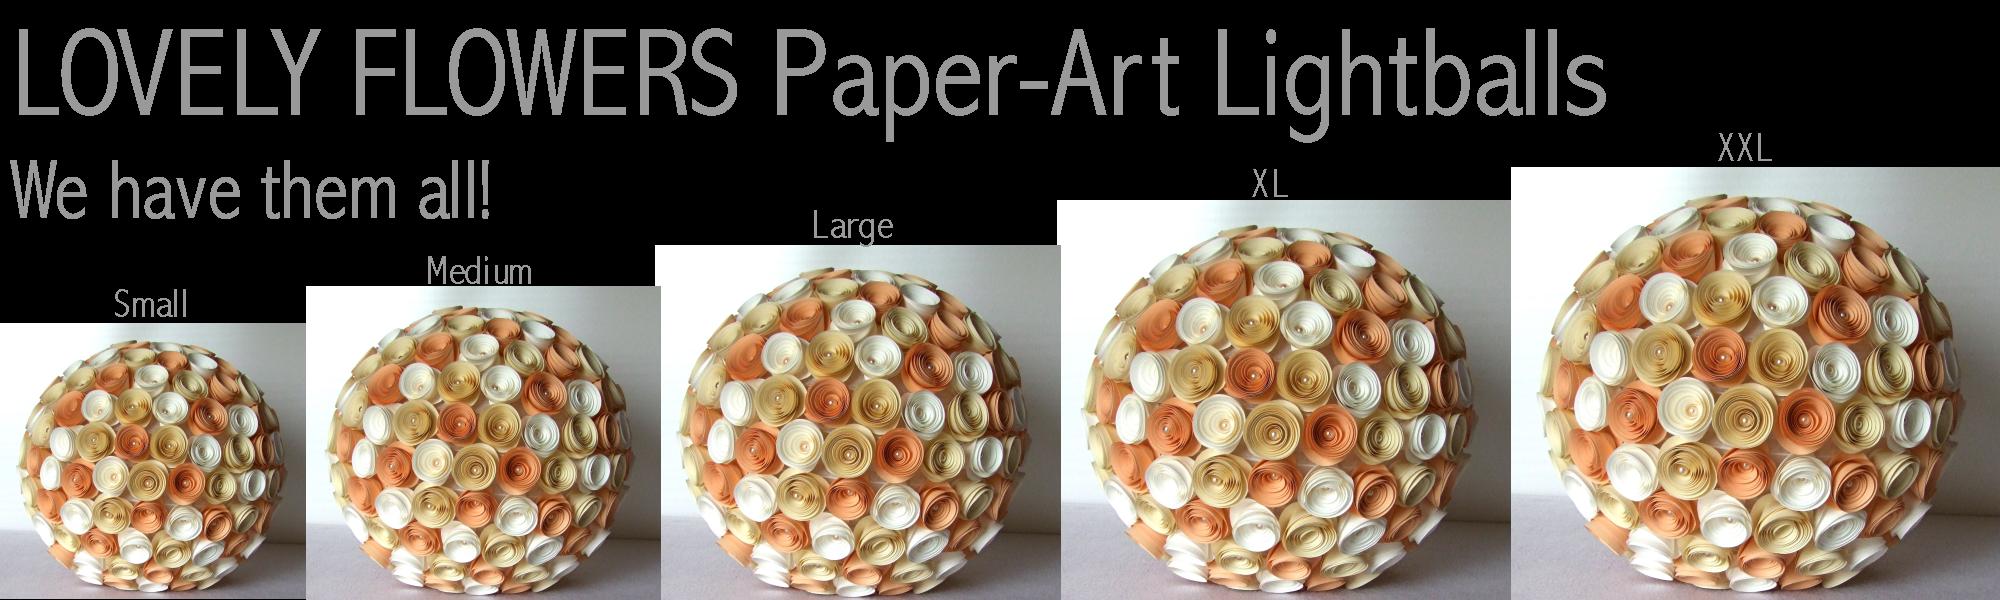 www.lovelyflowers.de - Paper Art Lampen gibt es von S - XL!